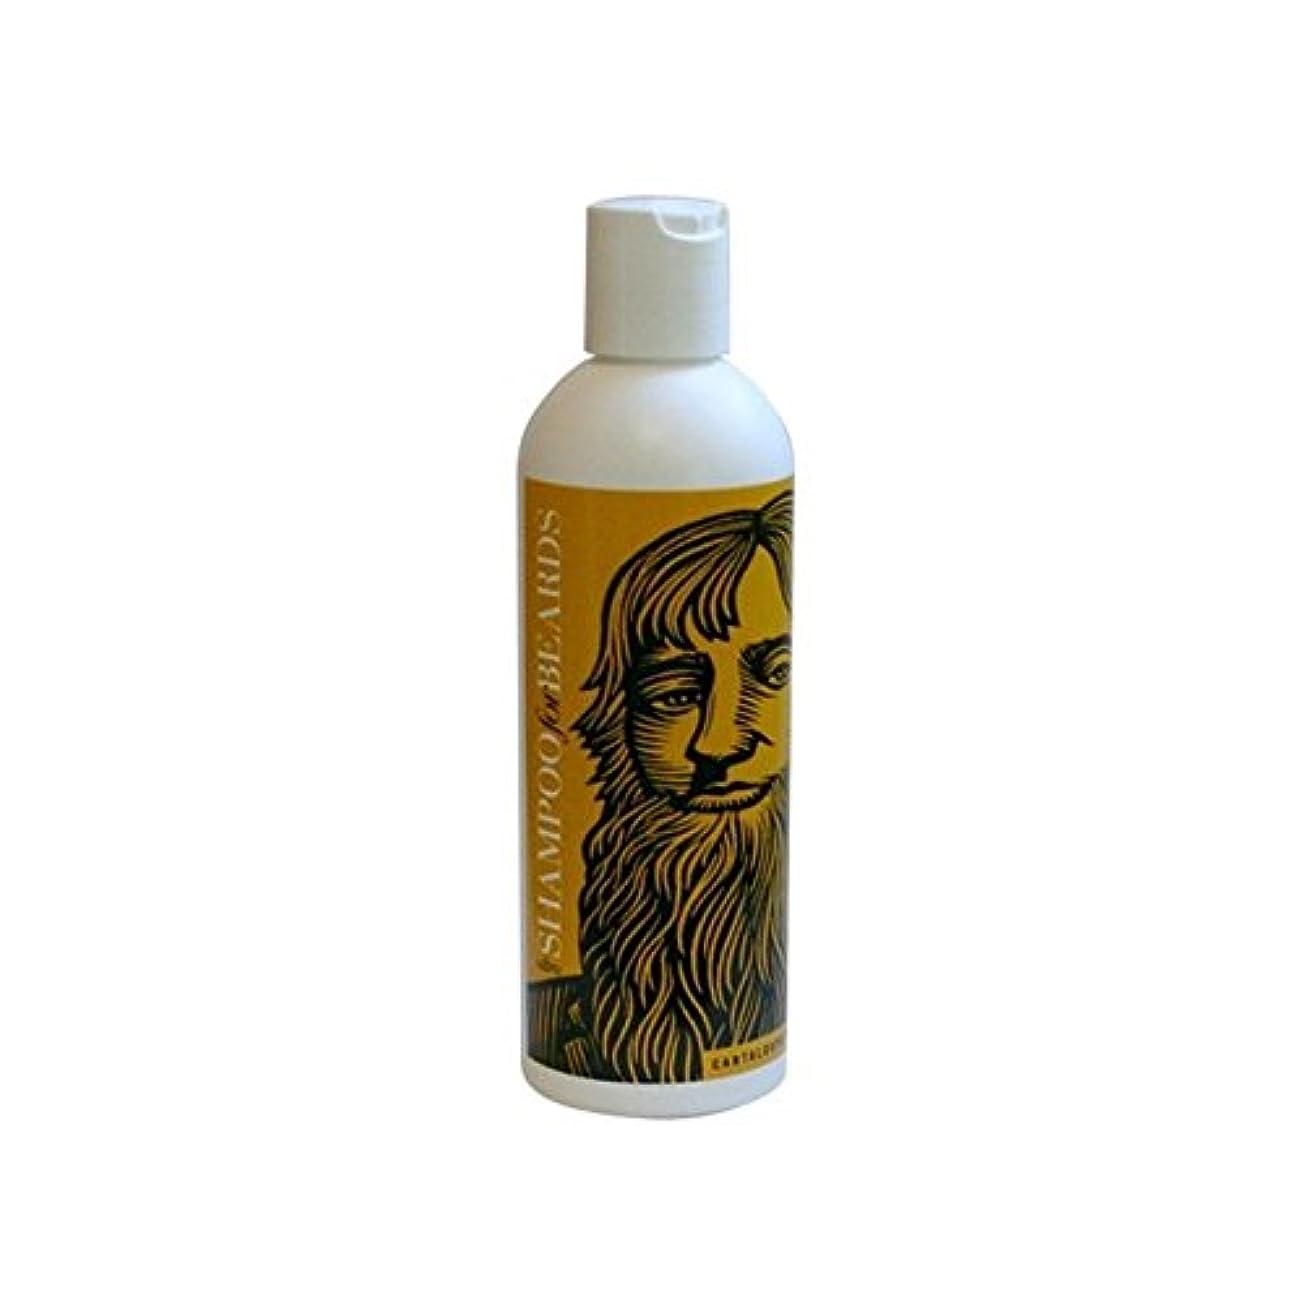 ボーナス船員何でもビアズリー超シャンプー - カンタロープメロン(237ミリリットル) x4 - Beardsley Ultra Shampoo - Cantaloupe Melon (237ml) (Pack of 4) [並行輸入品]